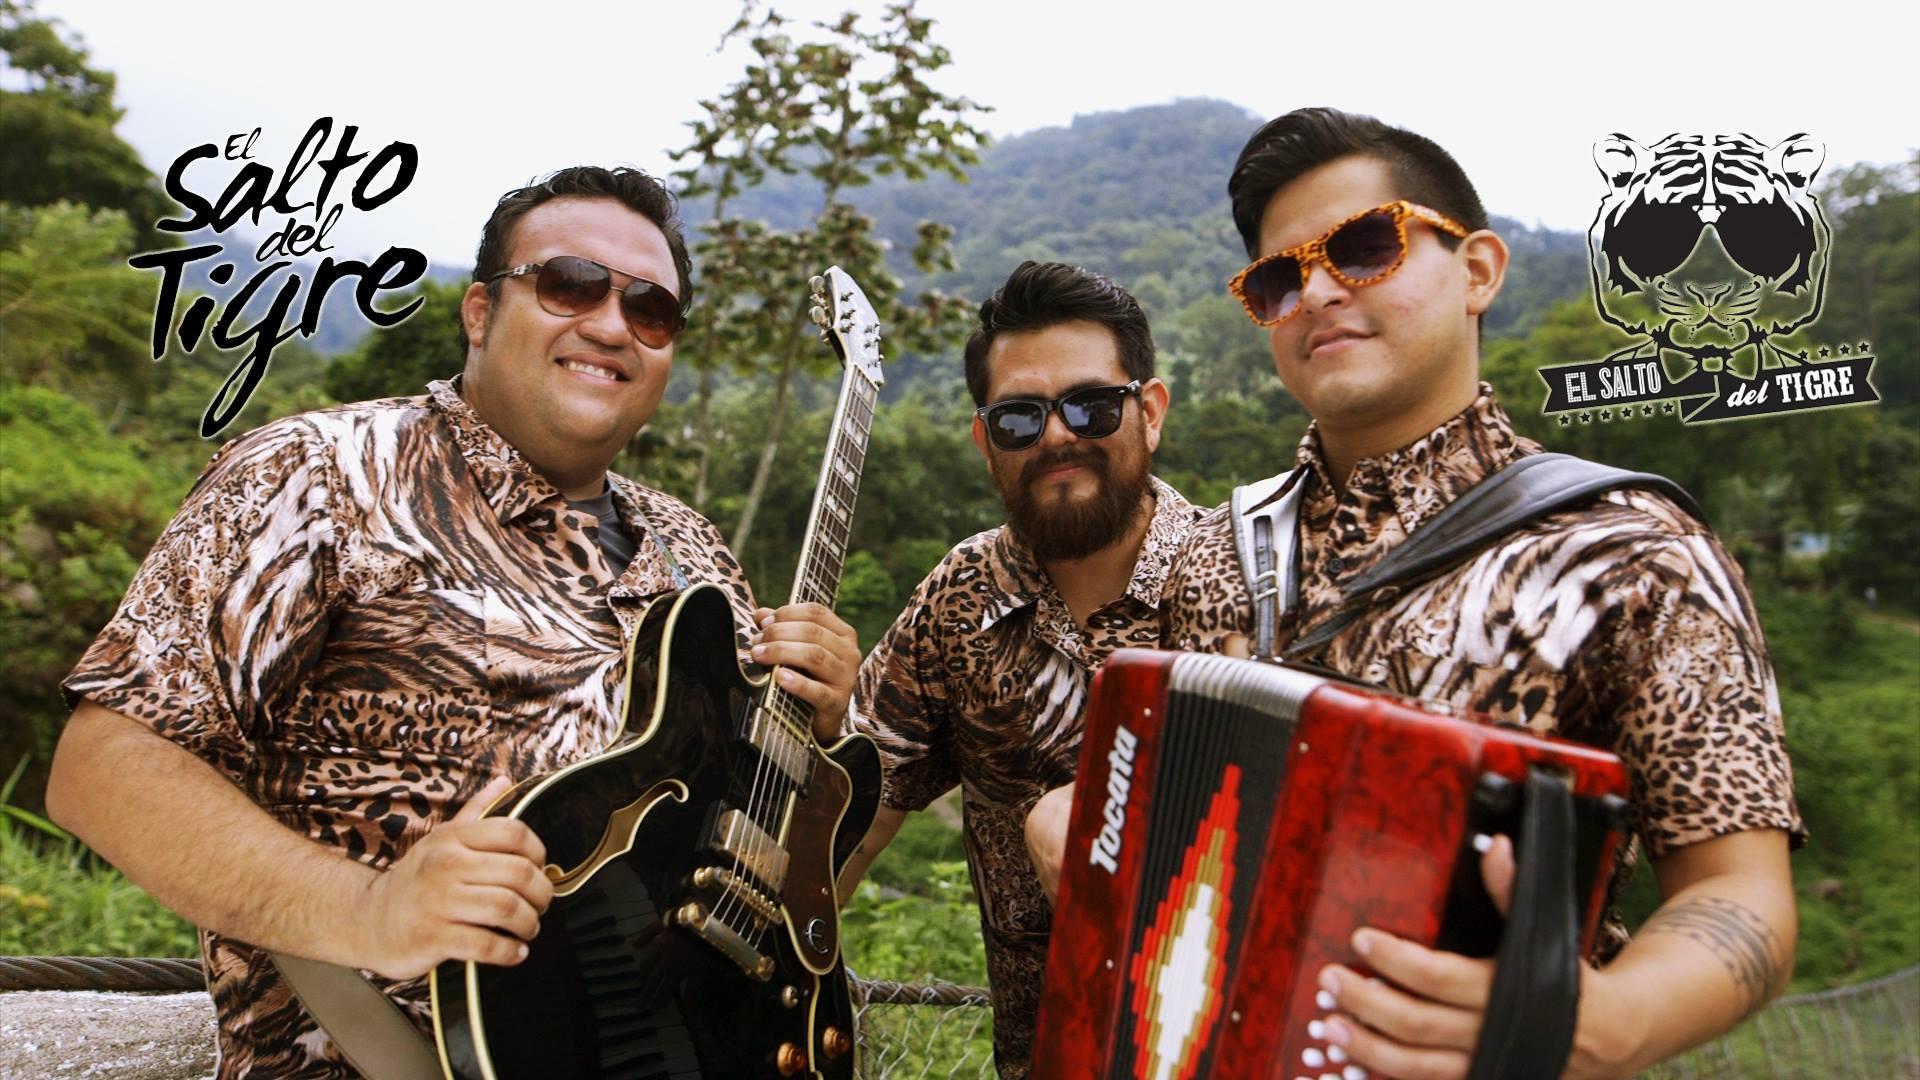 Banda guatemalteca, El Salto del Tigre